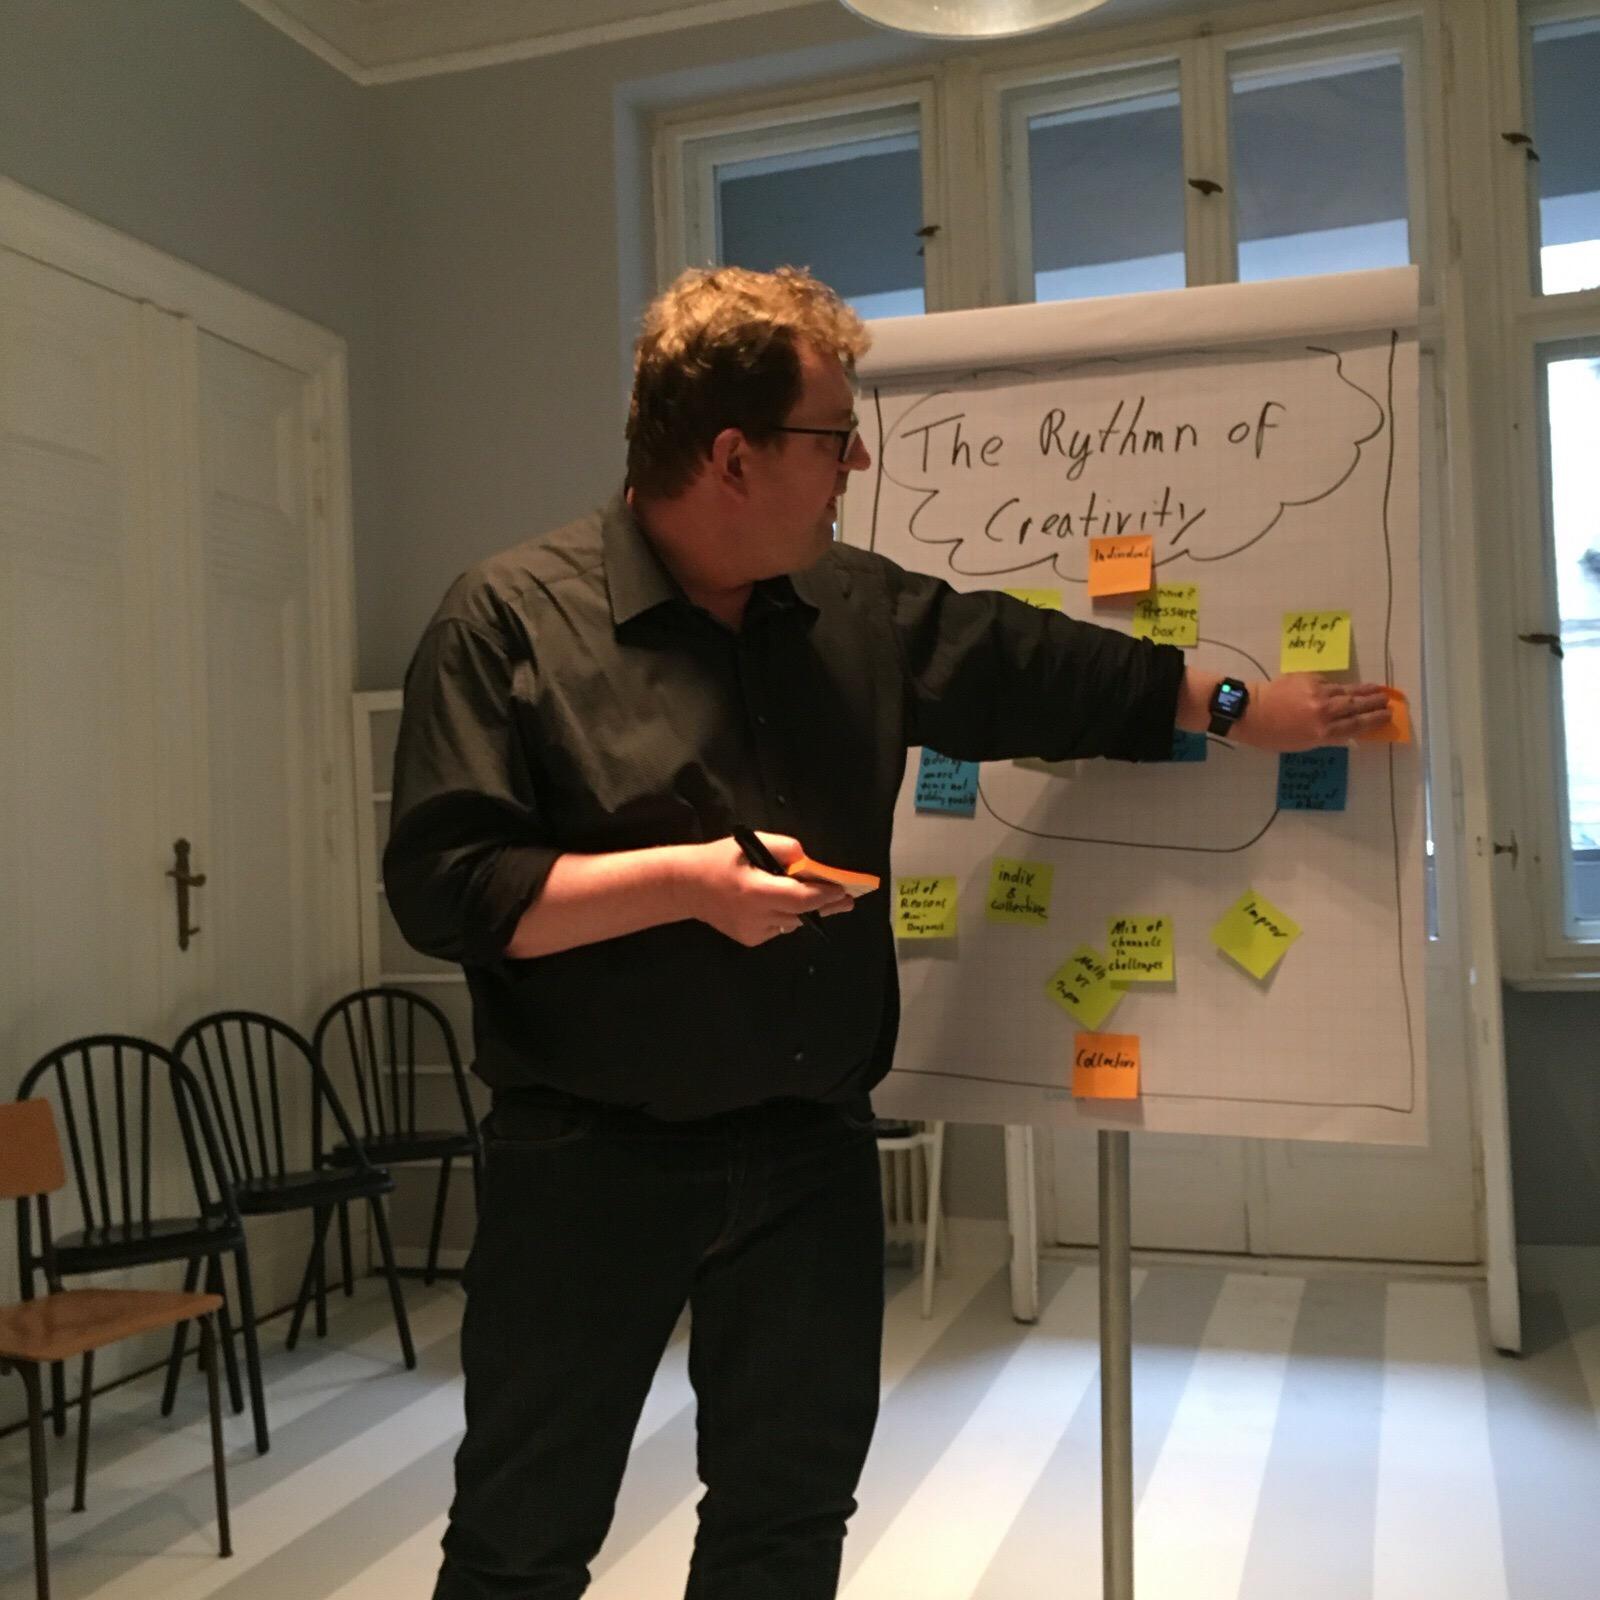 Kreative Kritik  Ideen Zur Innovation Treiben, Anstatt